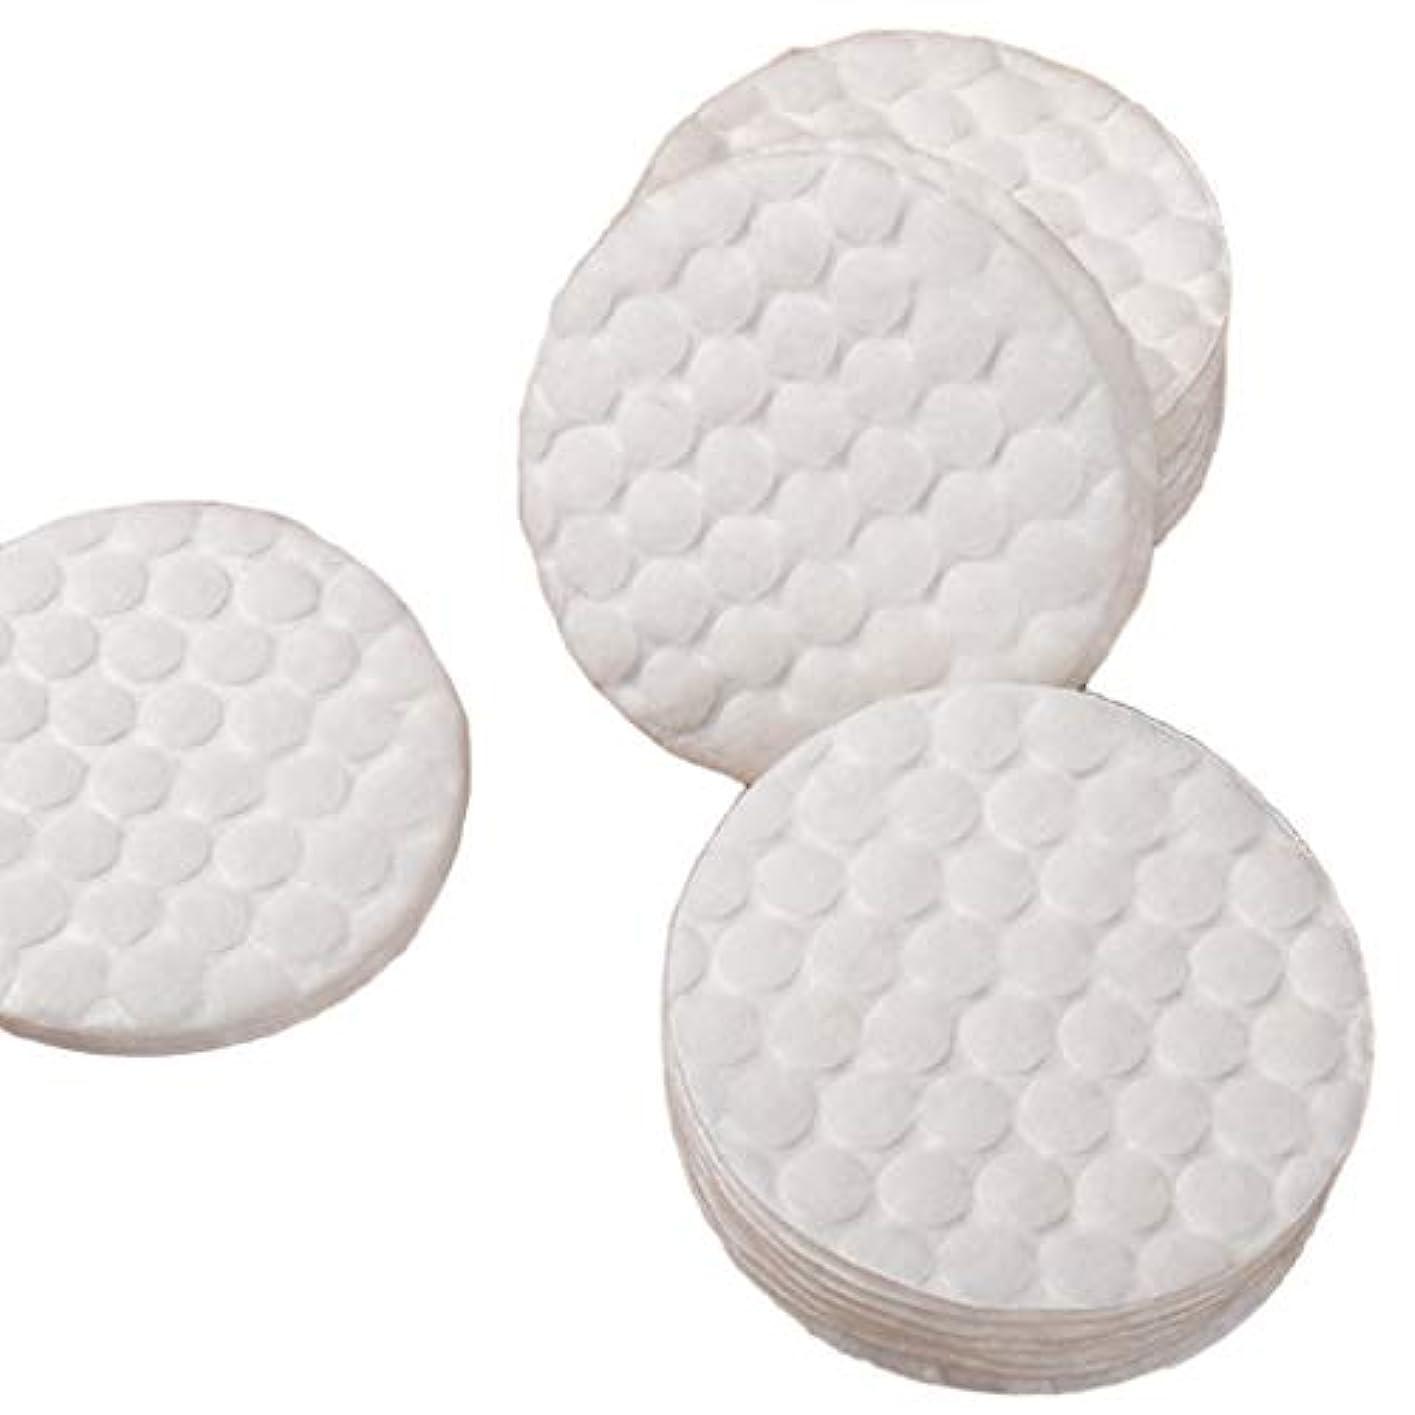 道徳送料オーバードロークレンジングシート 60個/バッグメイク落としコットンパッド洗えるワイプクレンジングオイルスキンケアフェイシャルケアメイクアップ化粧品ワイプ (Color : White)